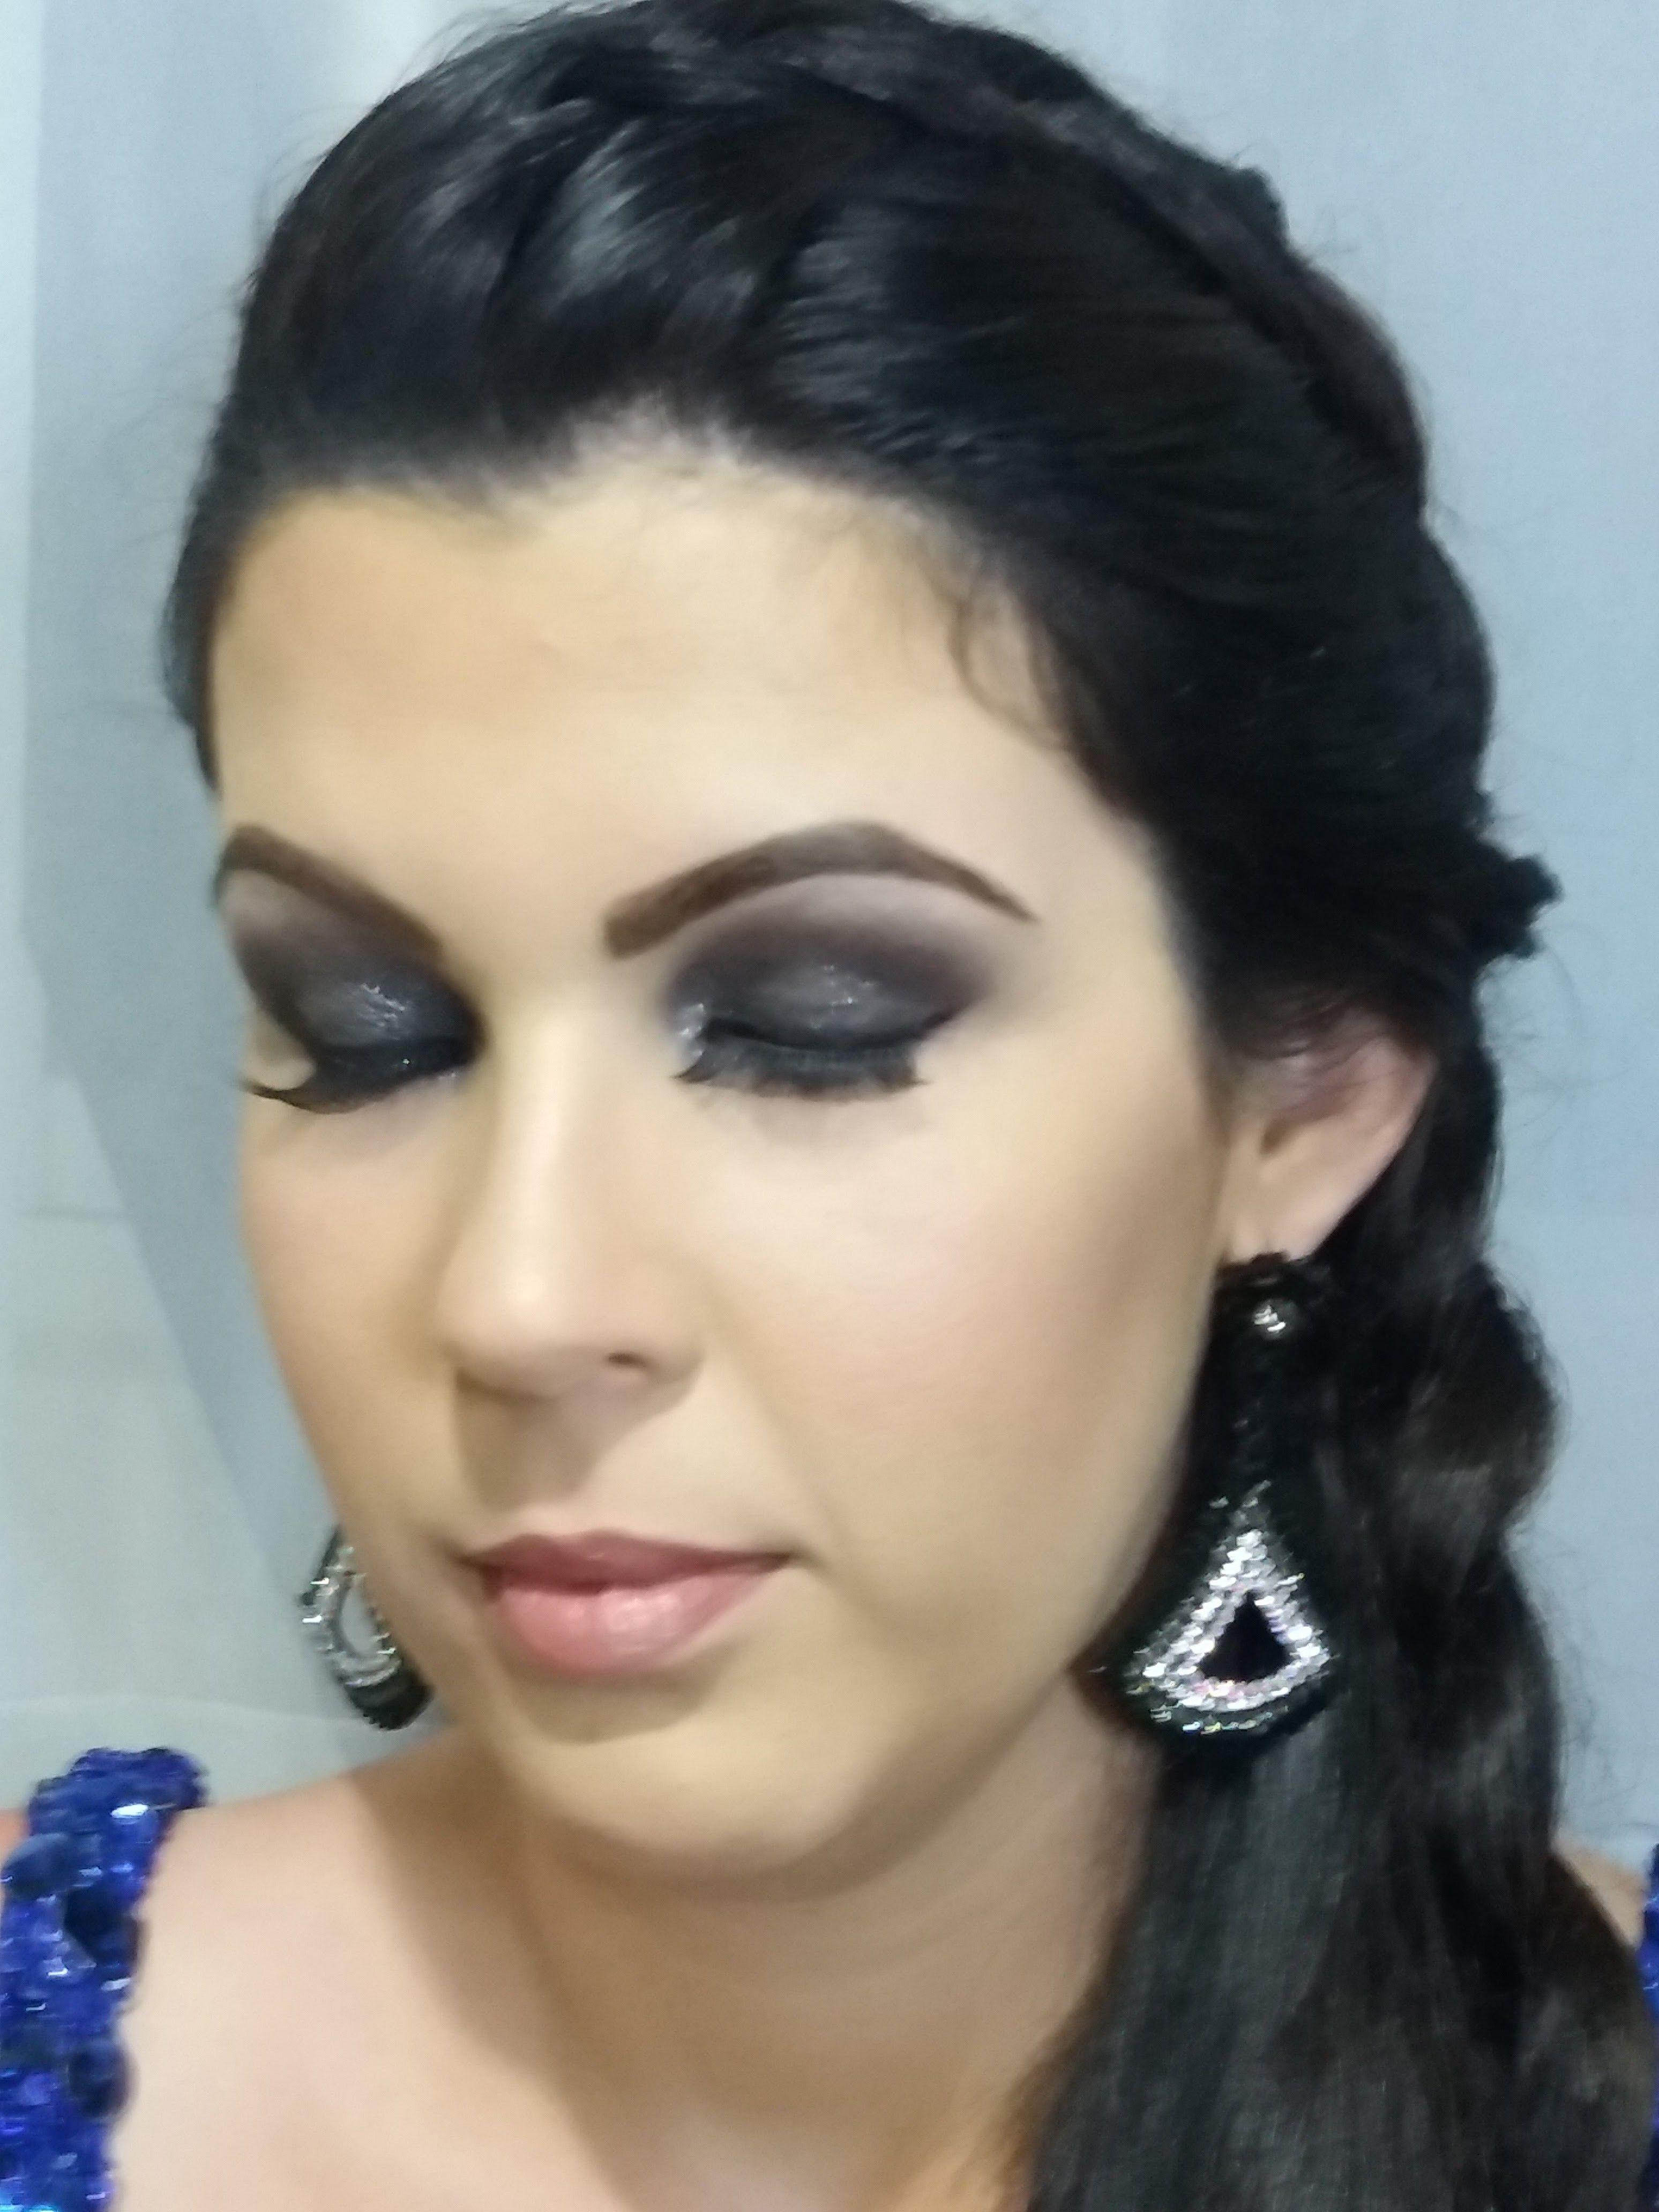 maquiagem designer de sobrancelhas consultor(a) de estetica consultor(a) em imagem depilador(a) maquiador(a) visagista